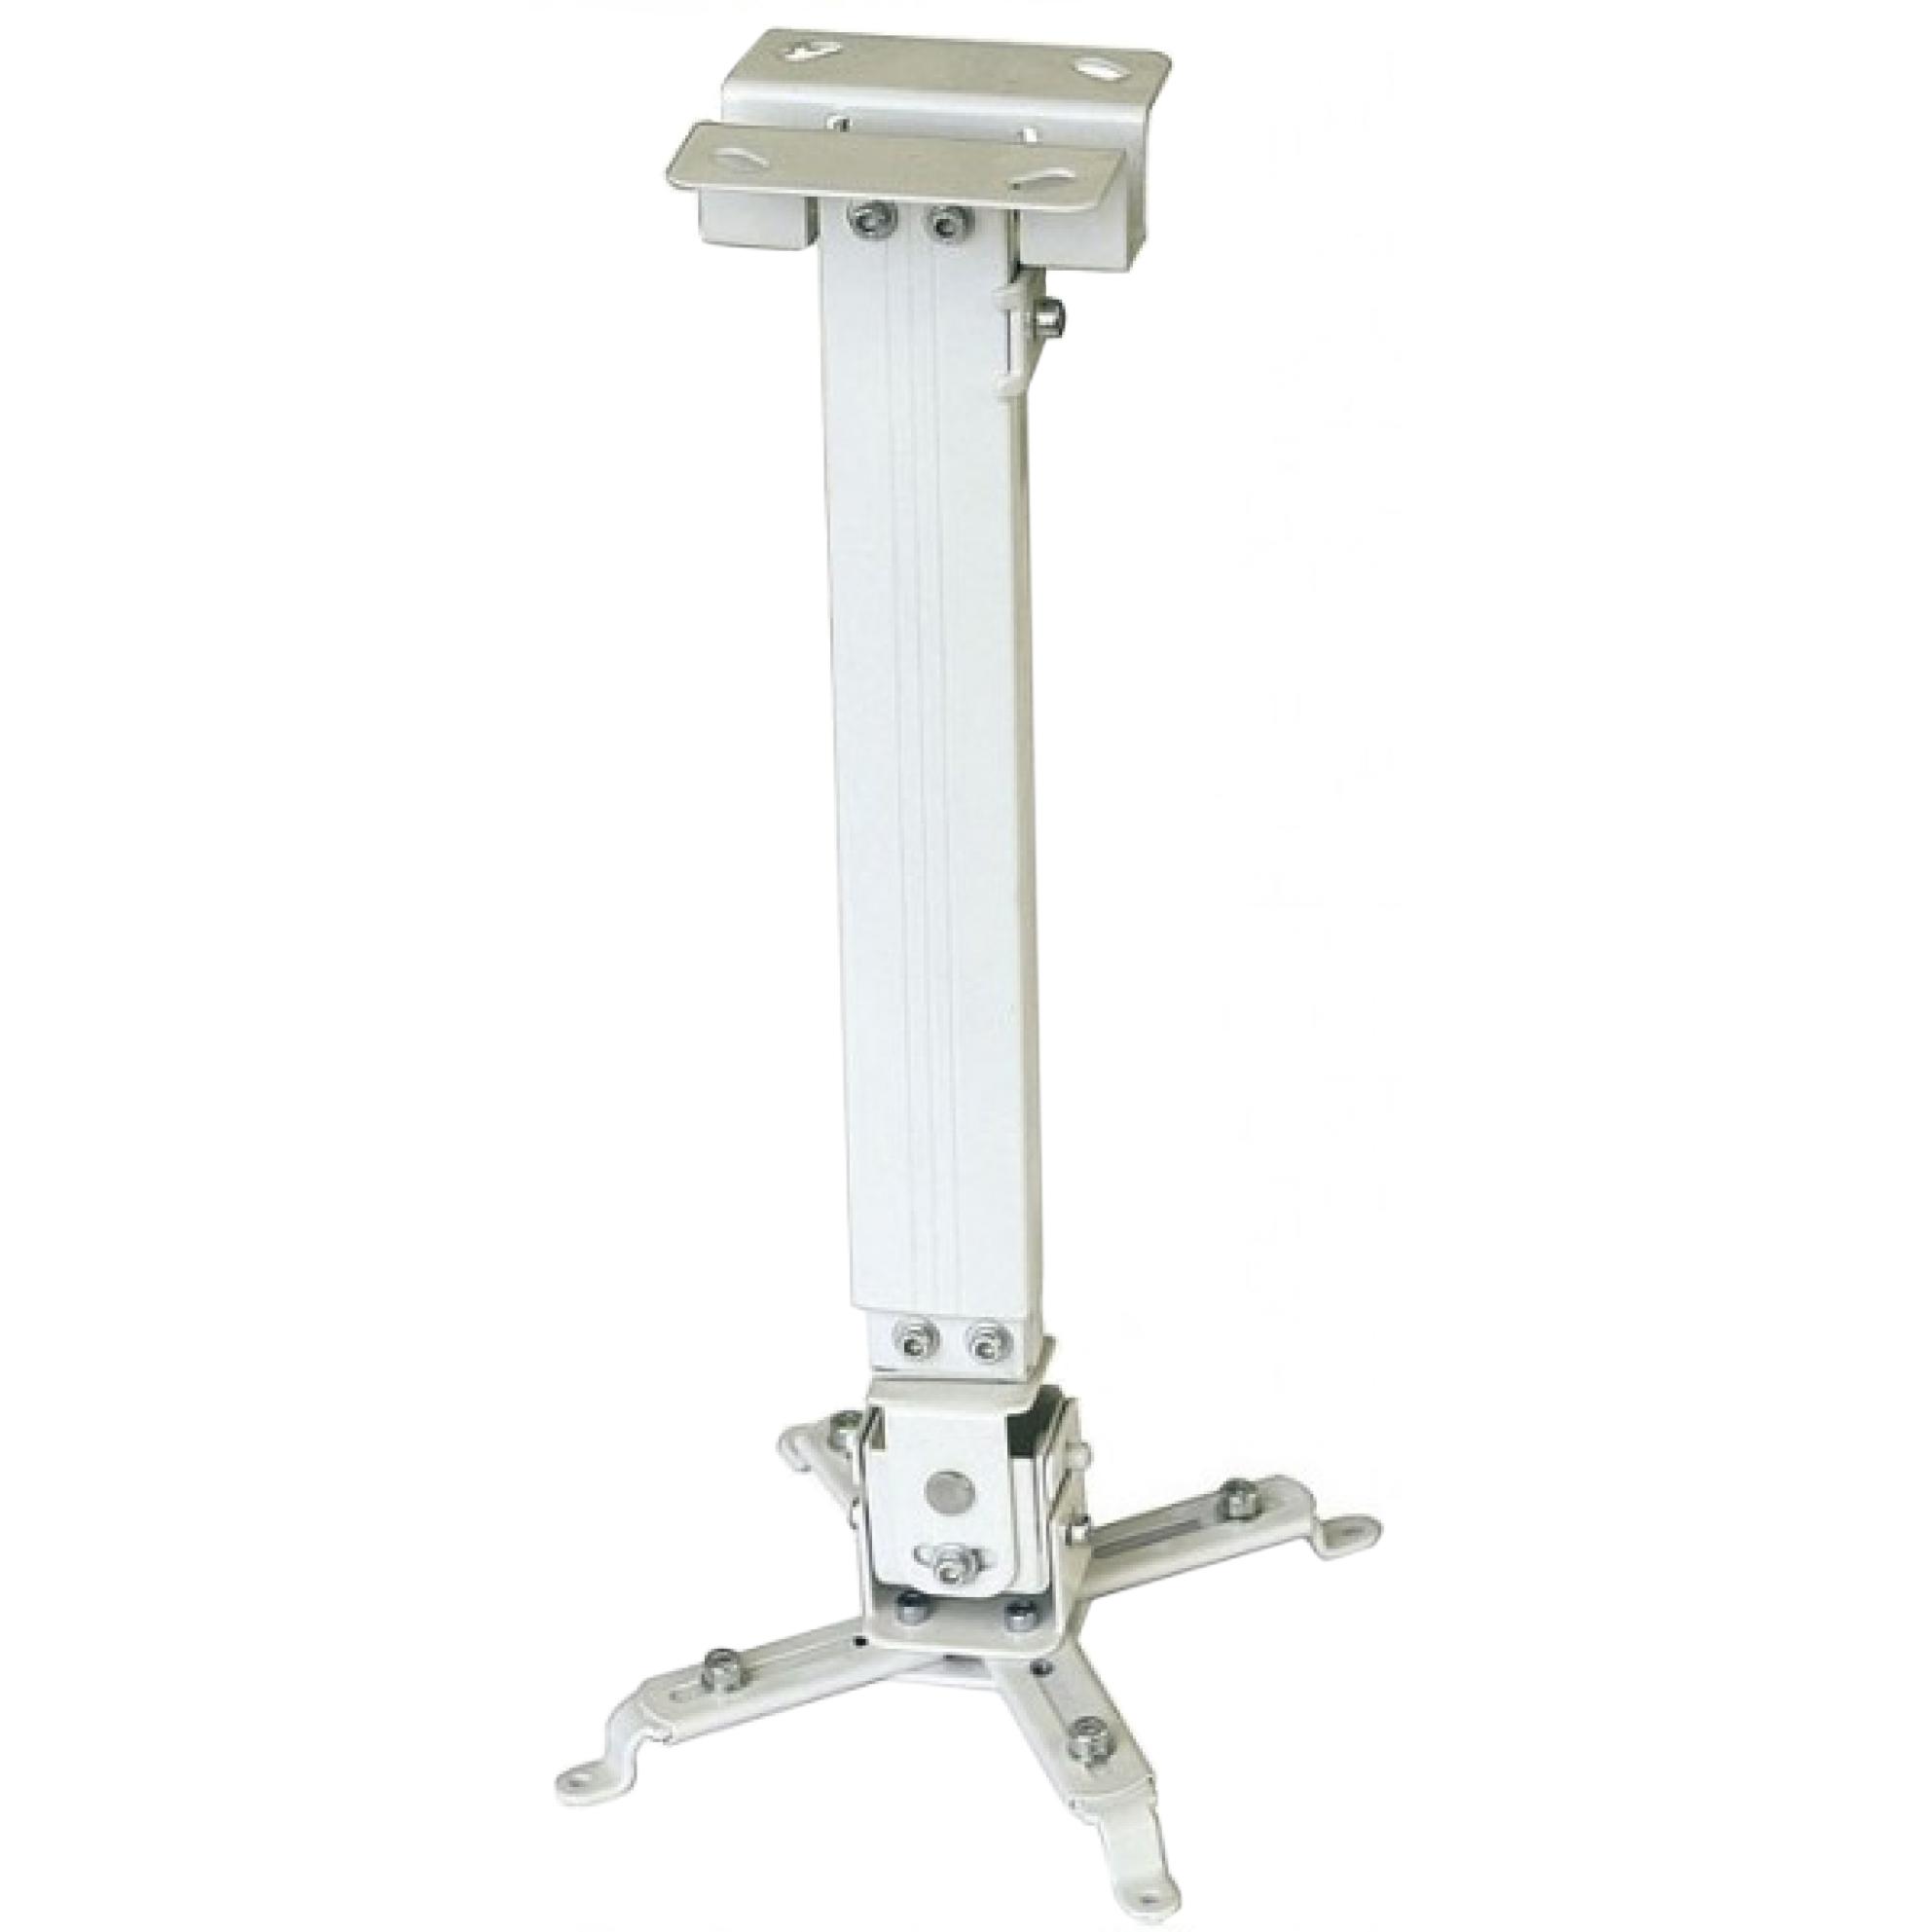 Accesoriu proiector Sopar Suport de tavan Tapa 23054 alb